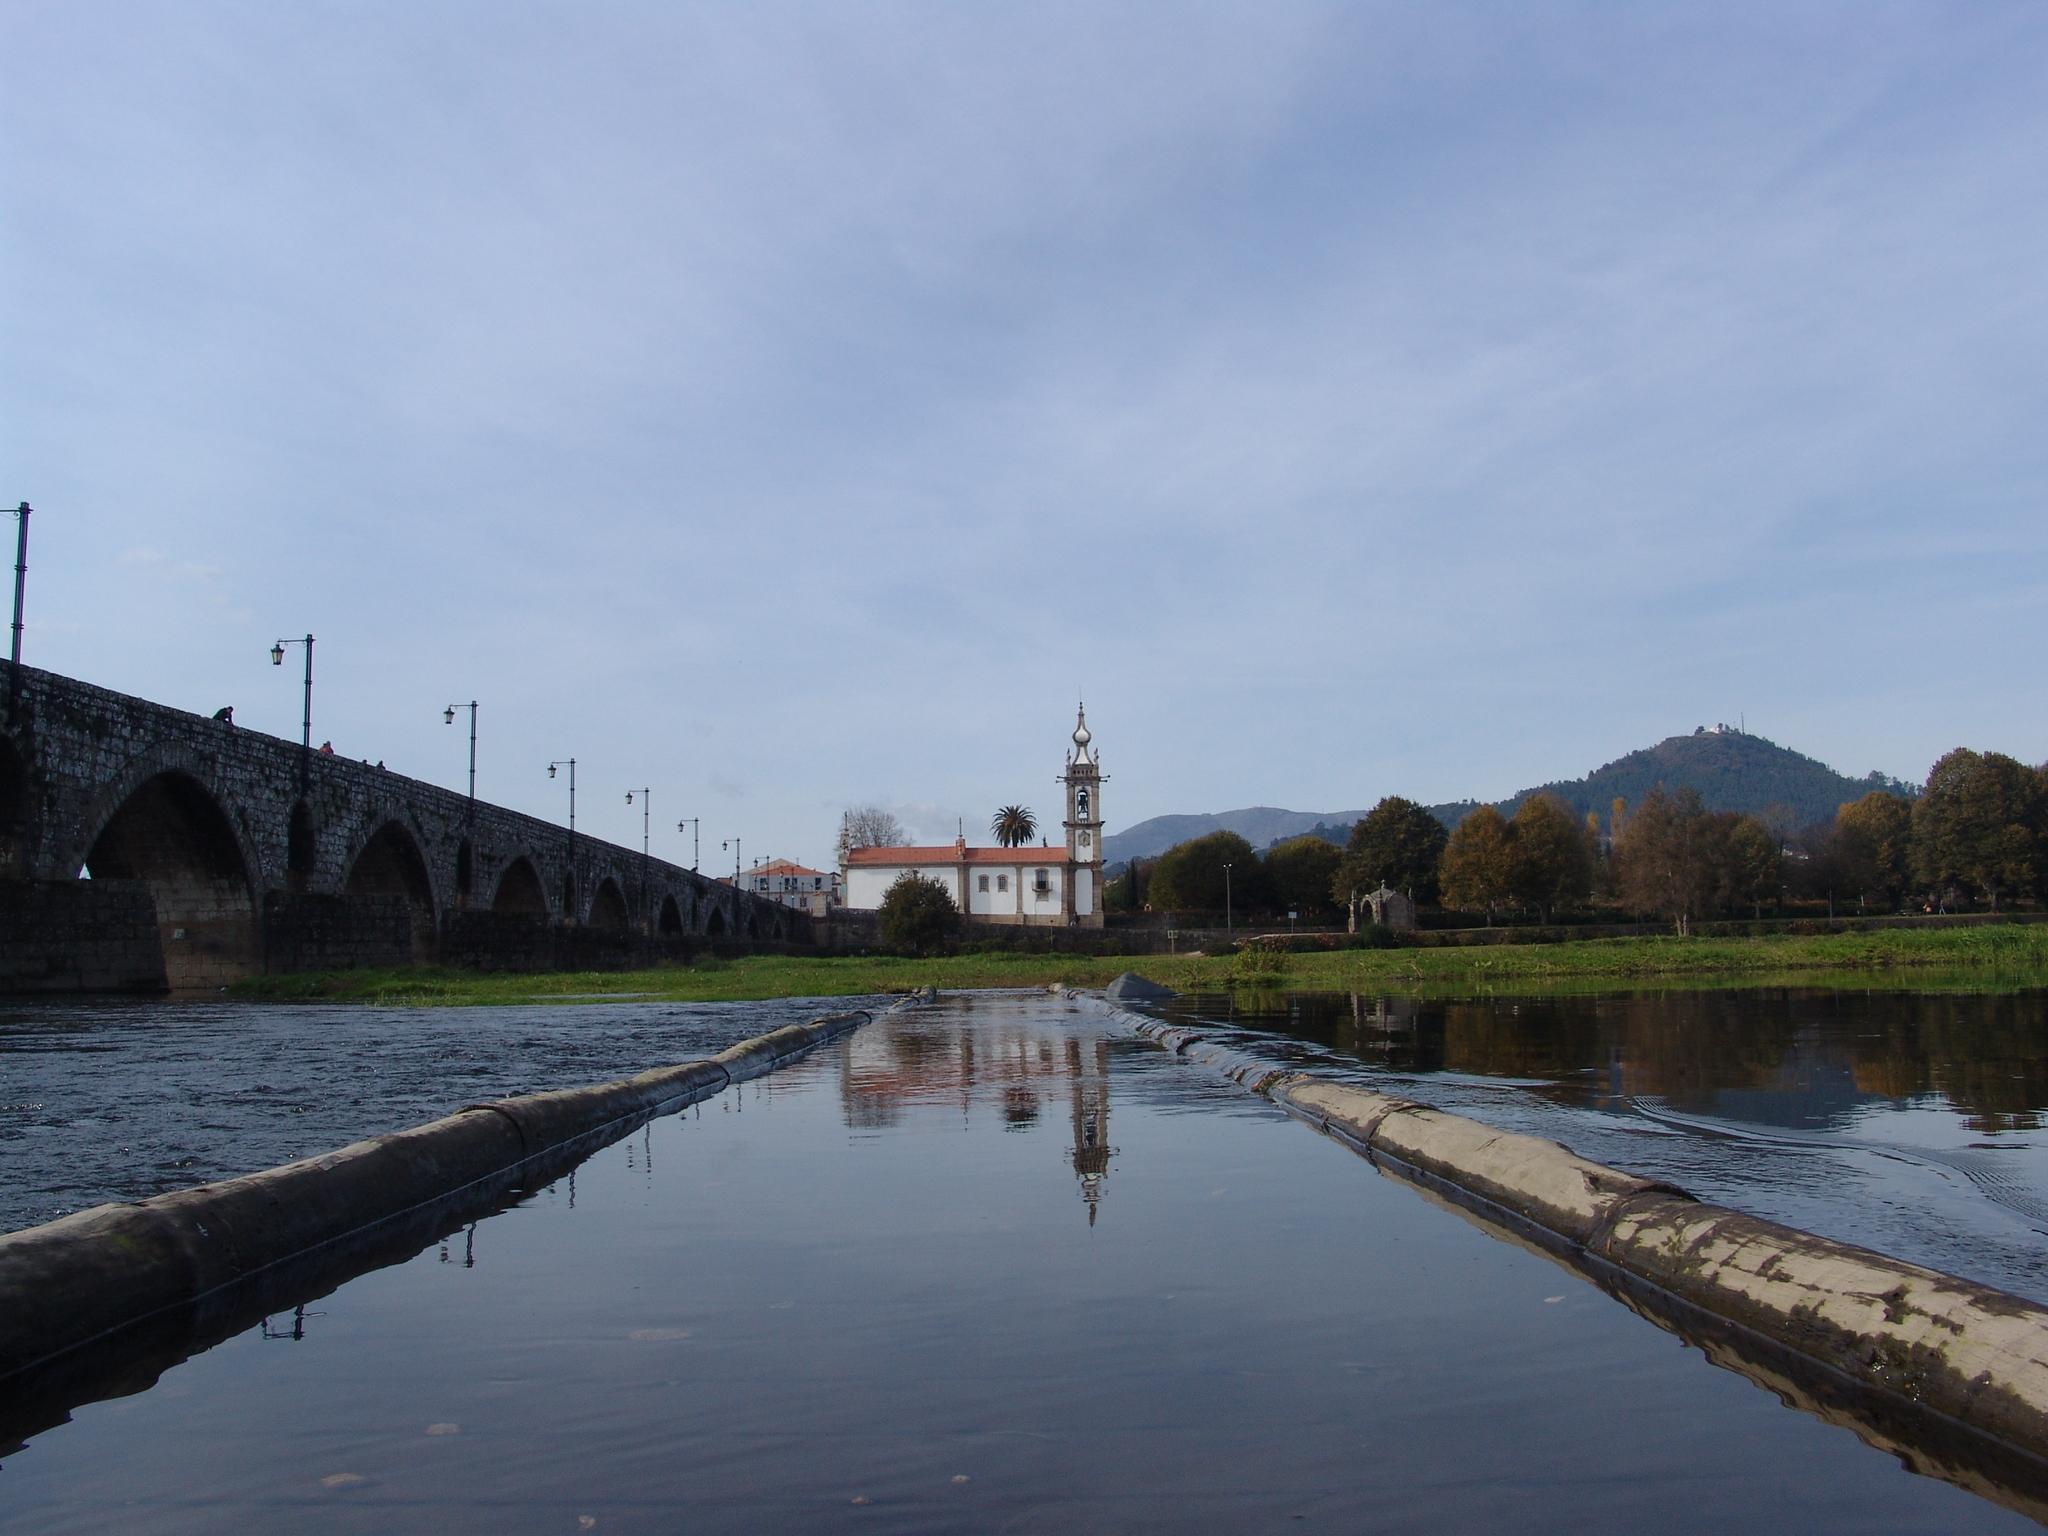 Viana do Castelo * Ponte de LIma * Braga